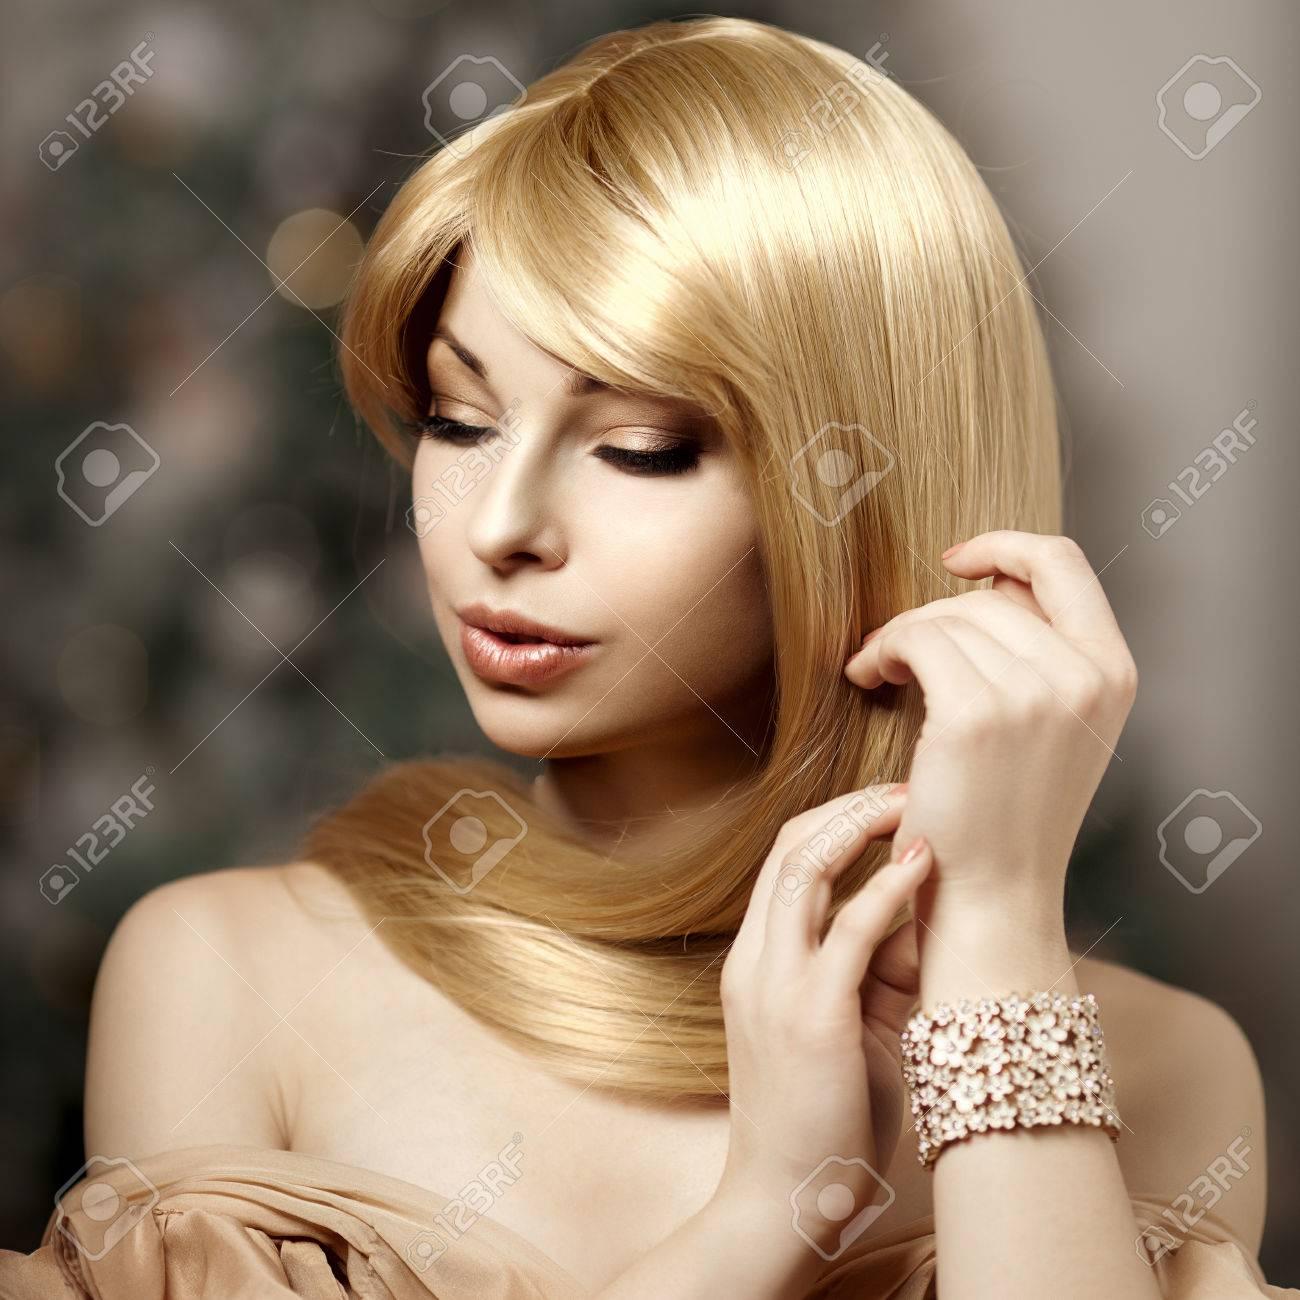 Modische Trendige Junge Frau Mit Luxuriösen Haar Schöne Mädchen Mit